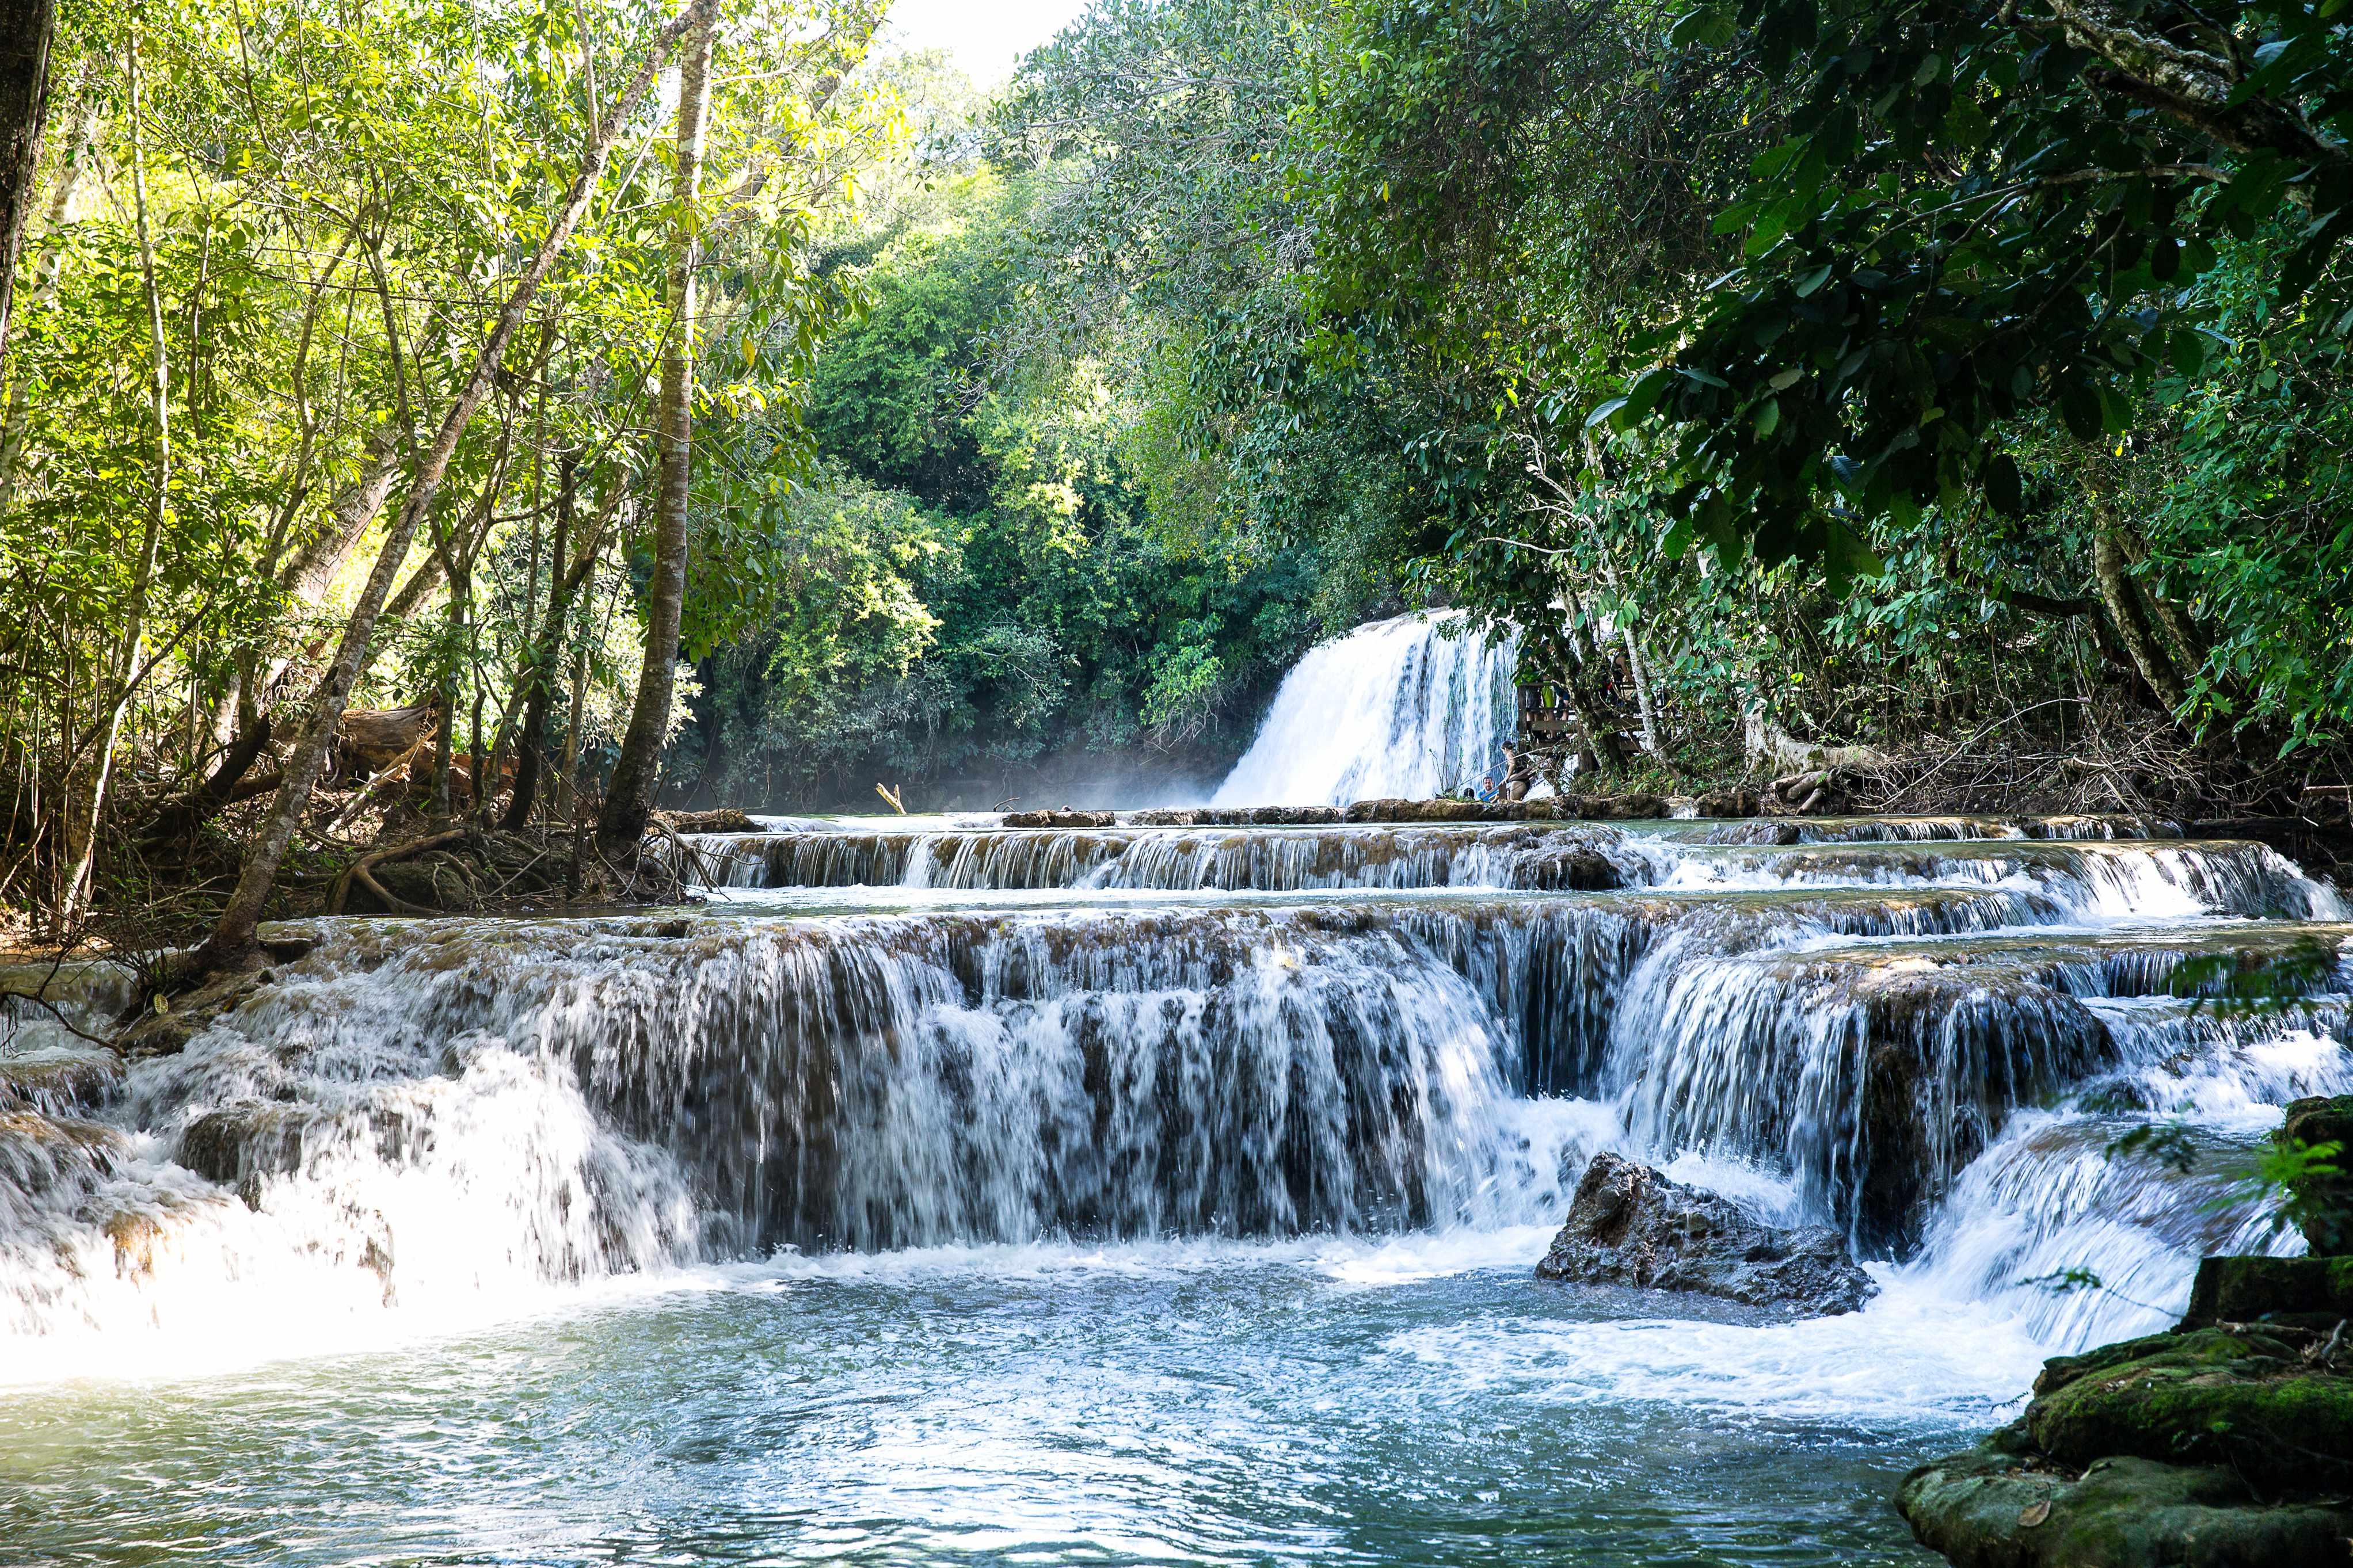 Cachoeira do Rio da Prata em Bonito, Mato Grosso do Sul.